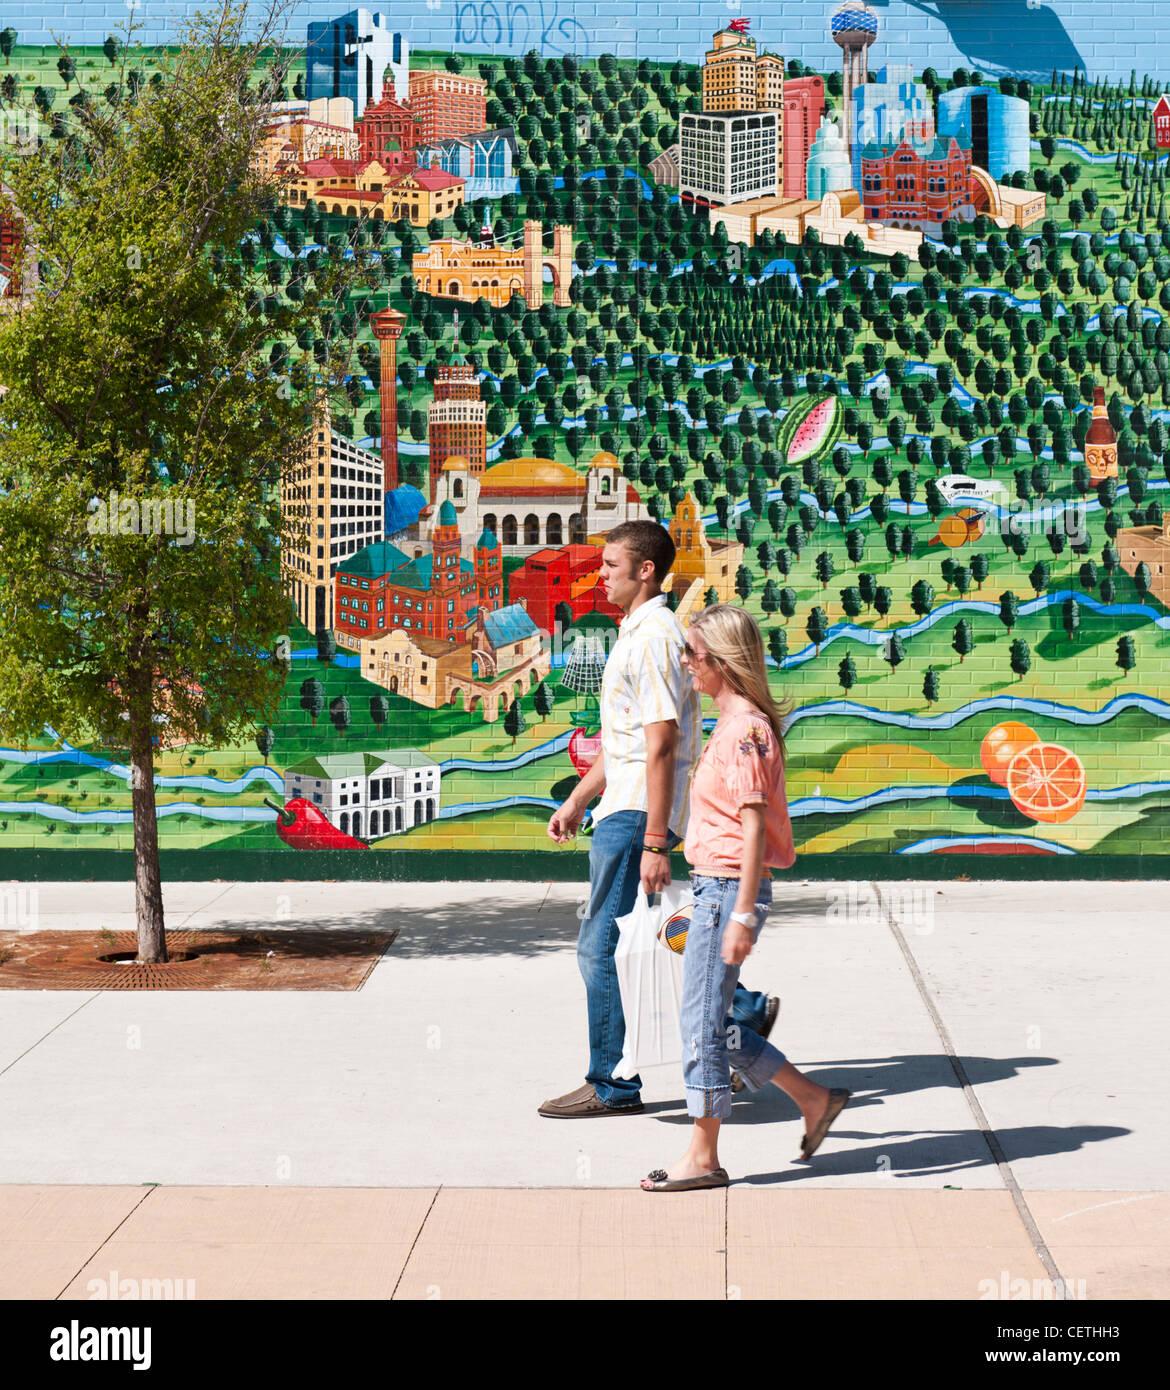 Marché de la Renaissance, faites glisser, murale, Austin, TX Photo Stock